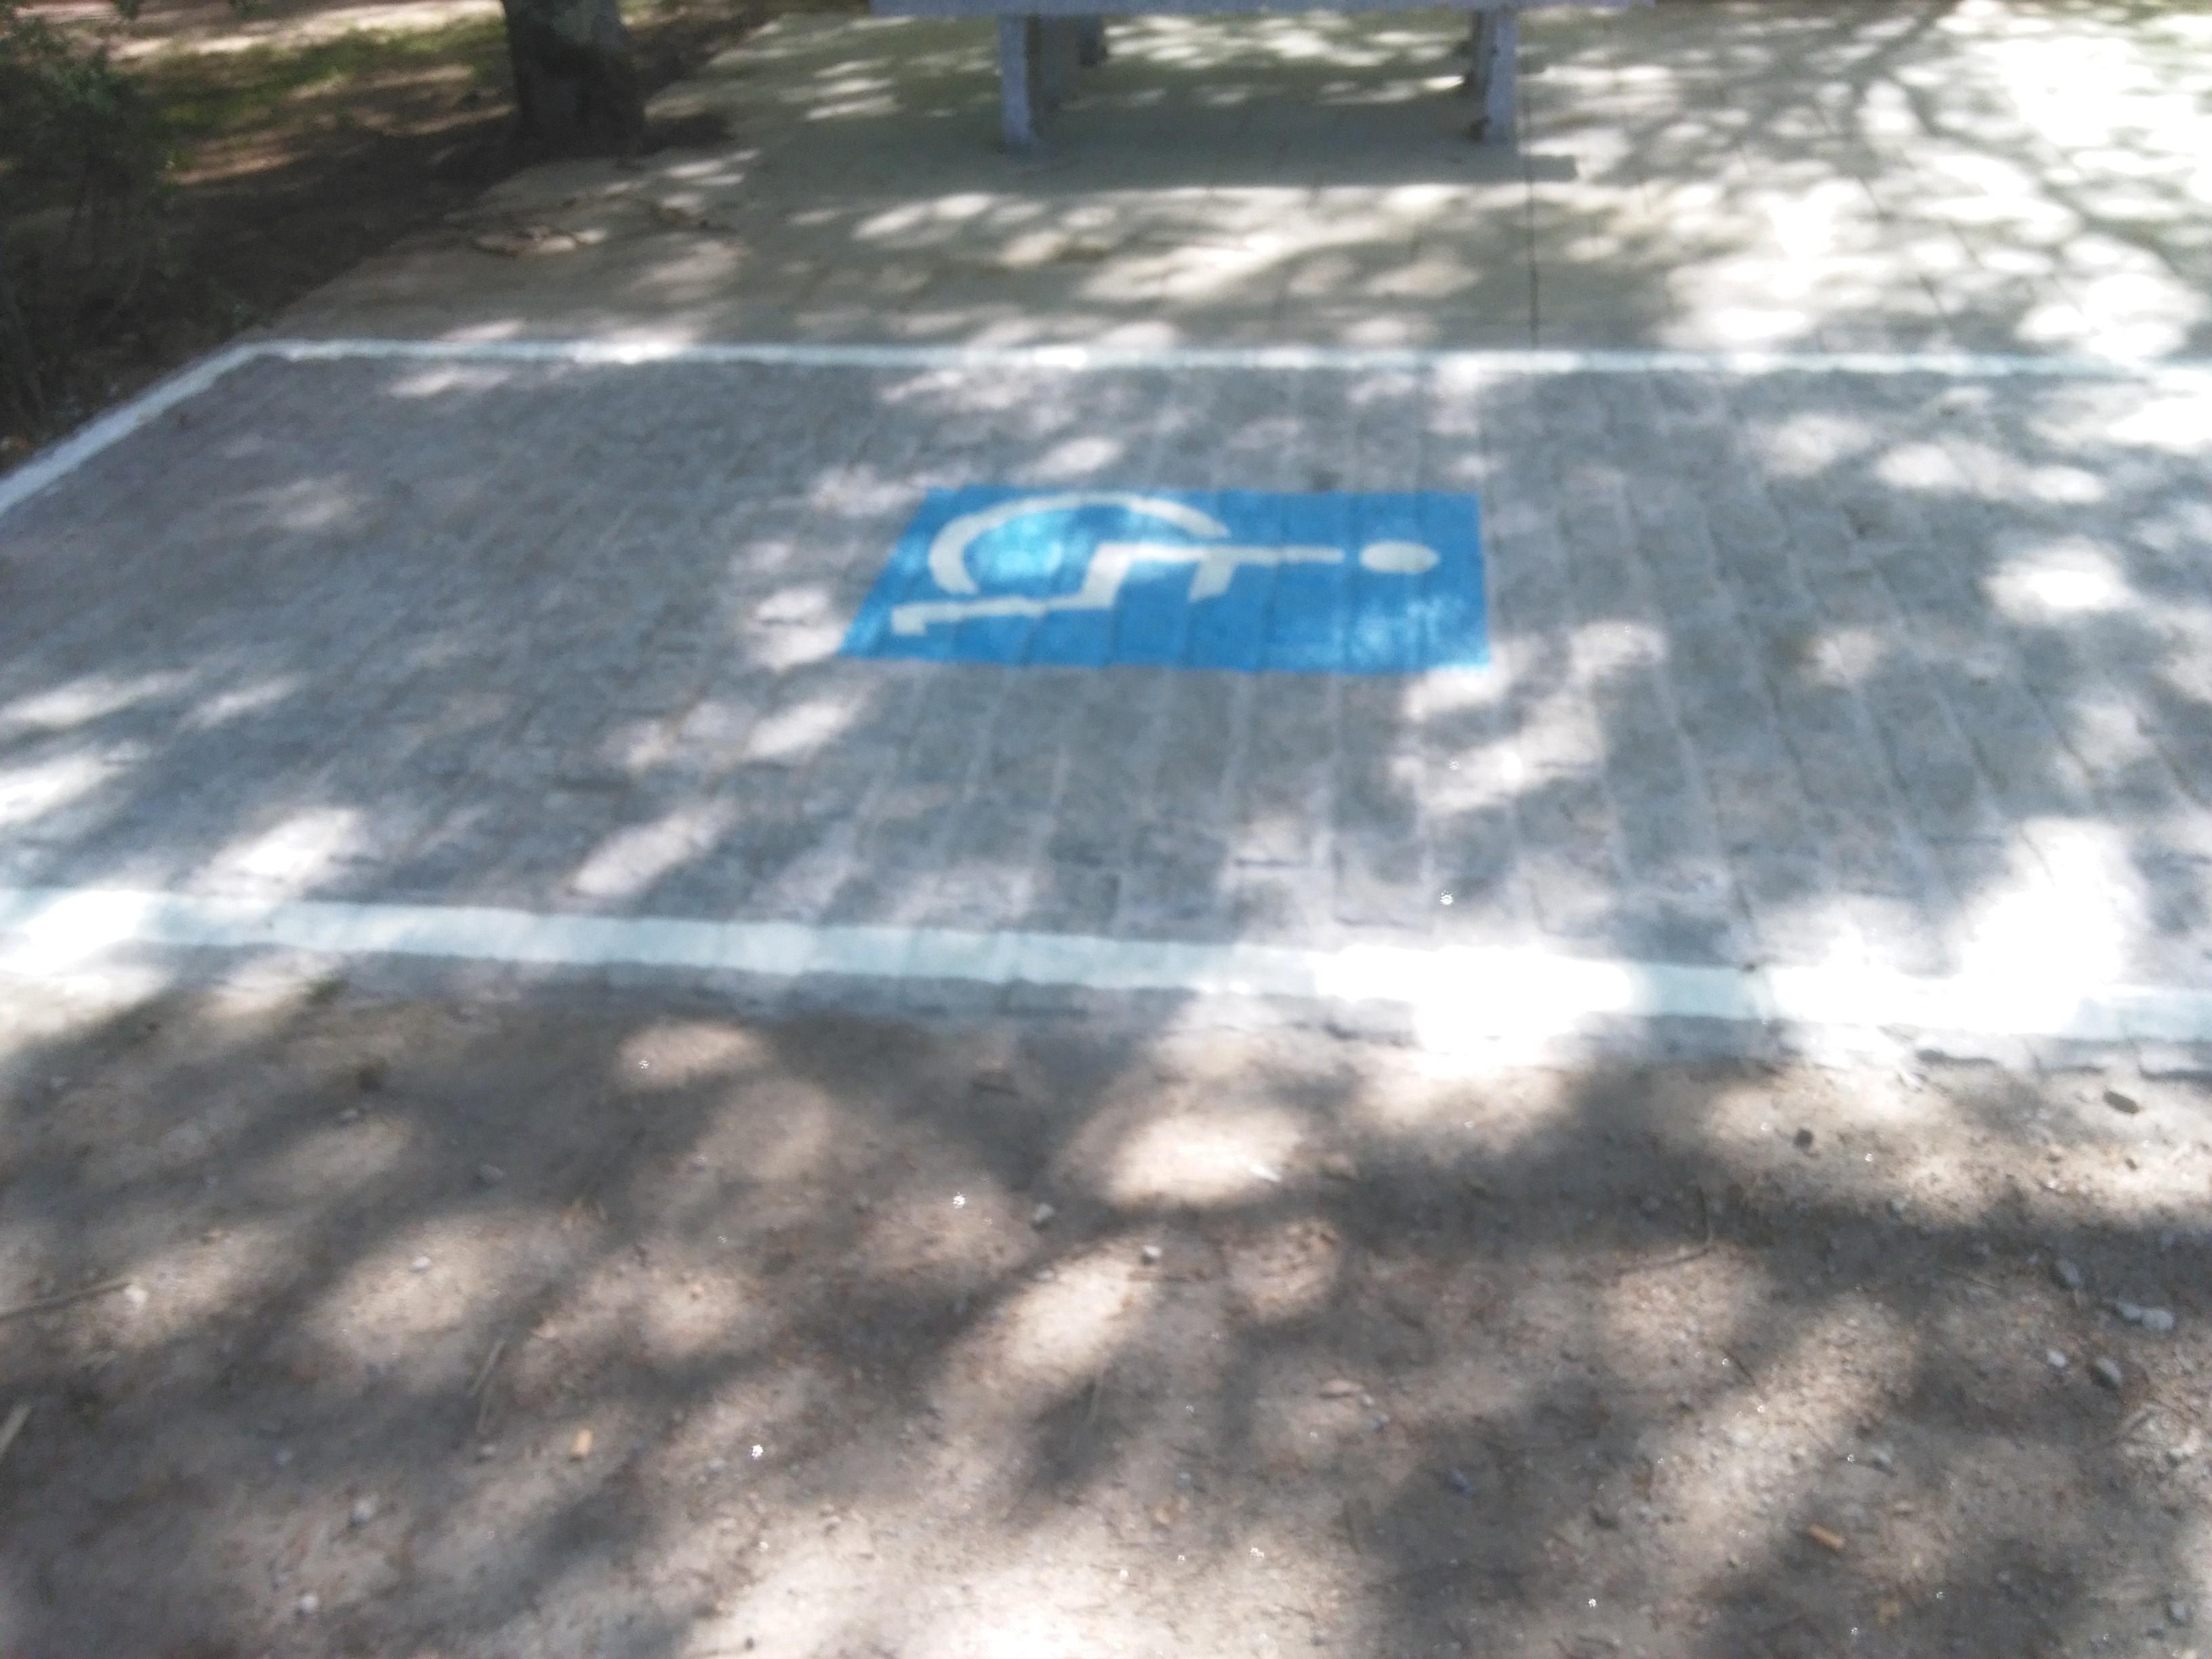 Mejora De La Accesibilidad Y Adaptación De Baños Públicos En La Playa Fluvial De Tapia